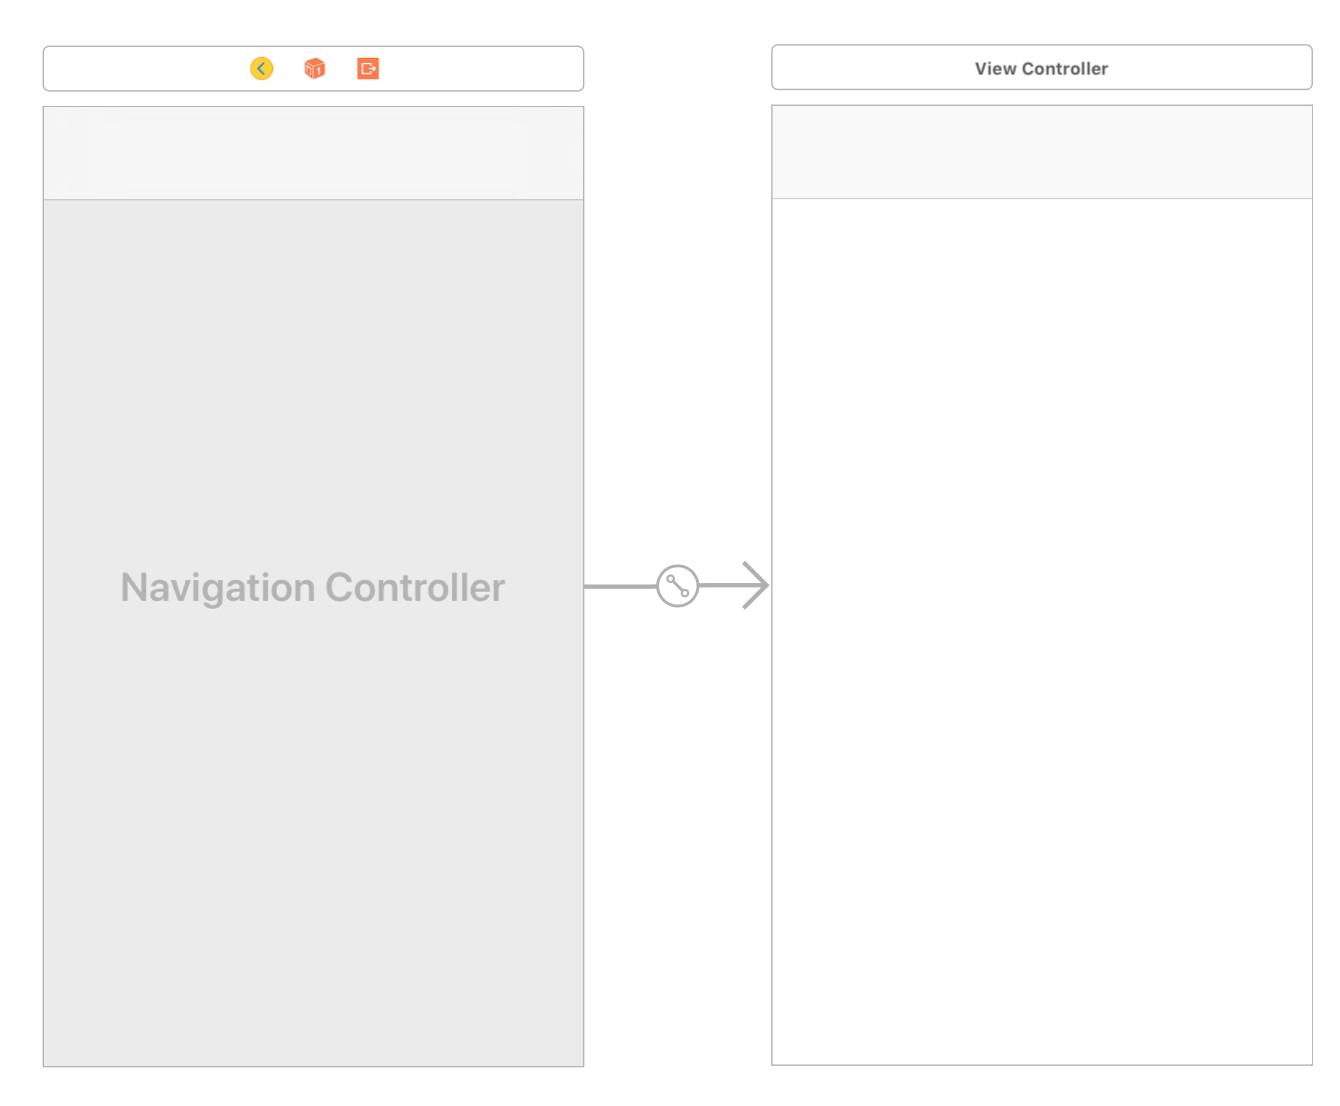 NavigationVC et VC connectés